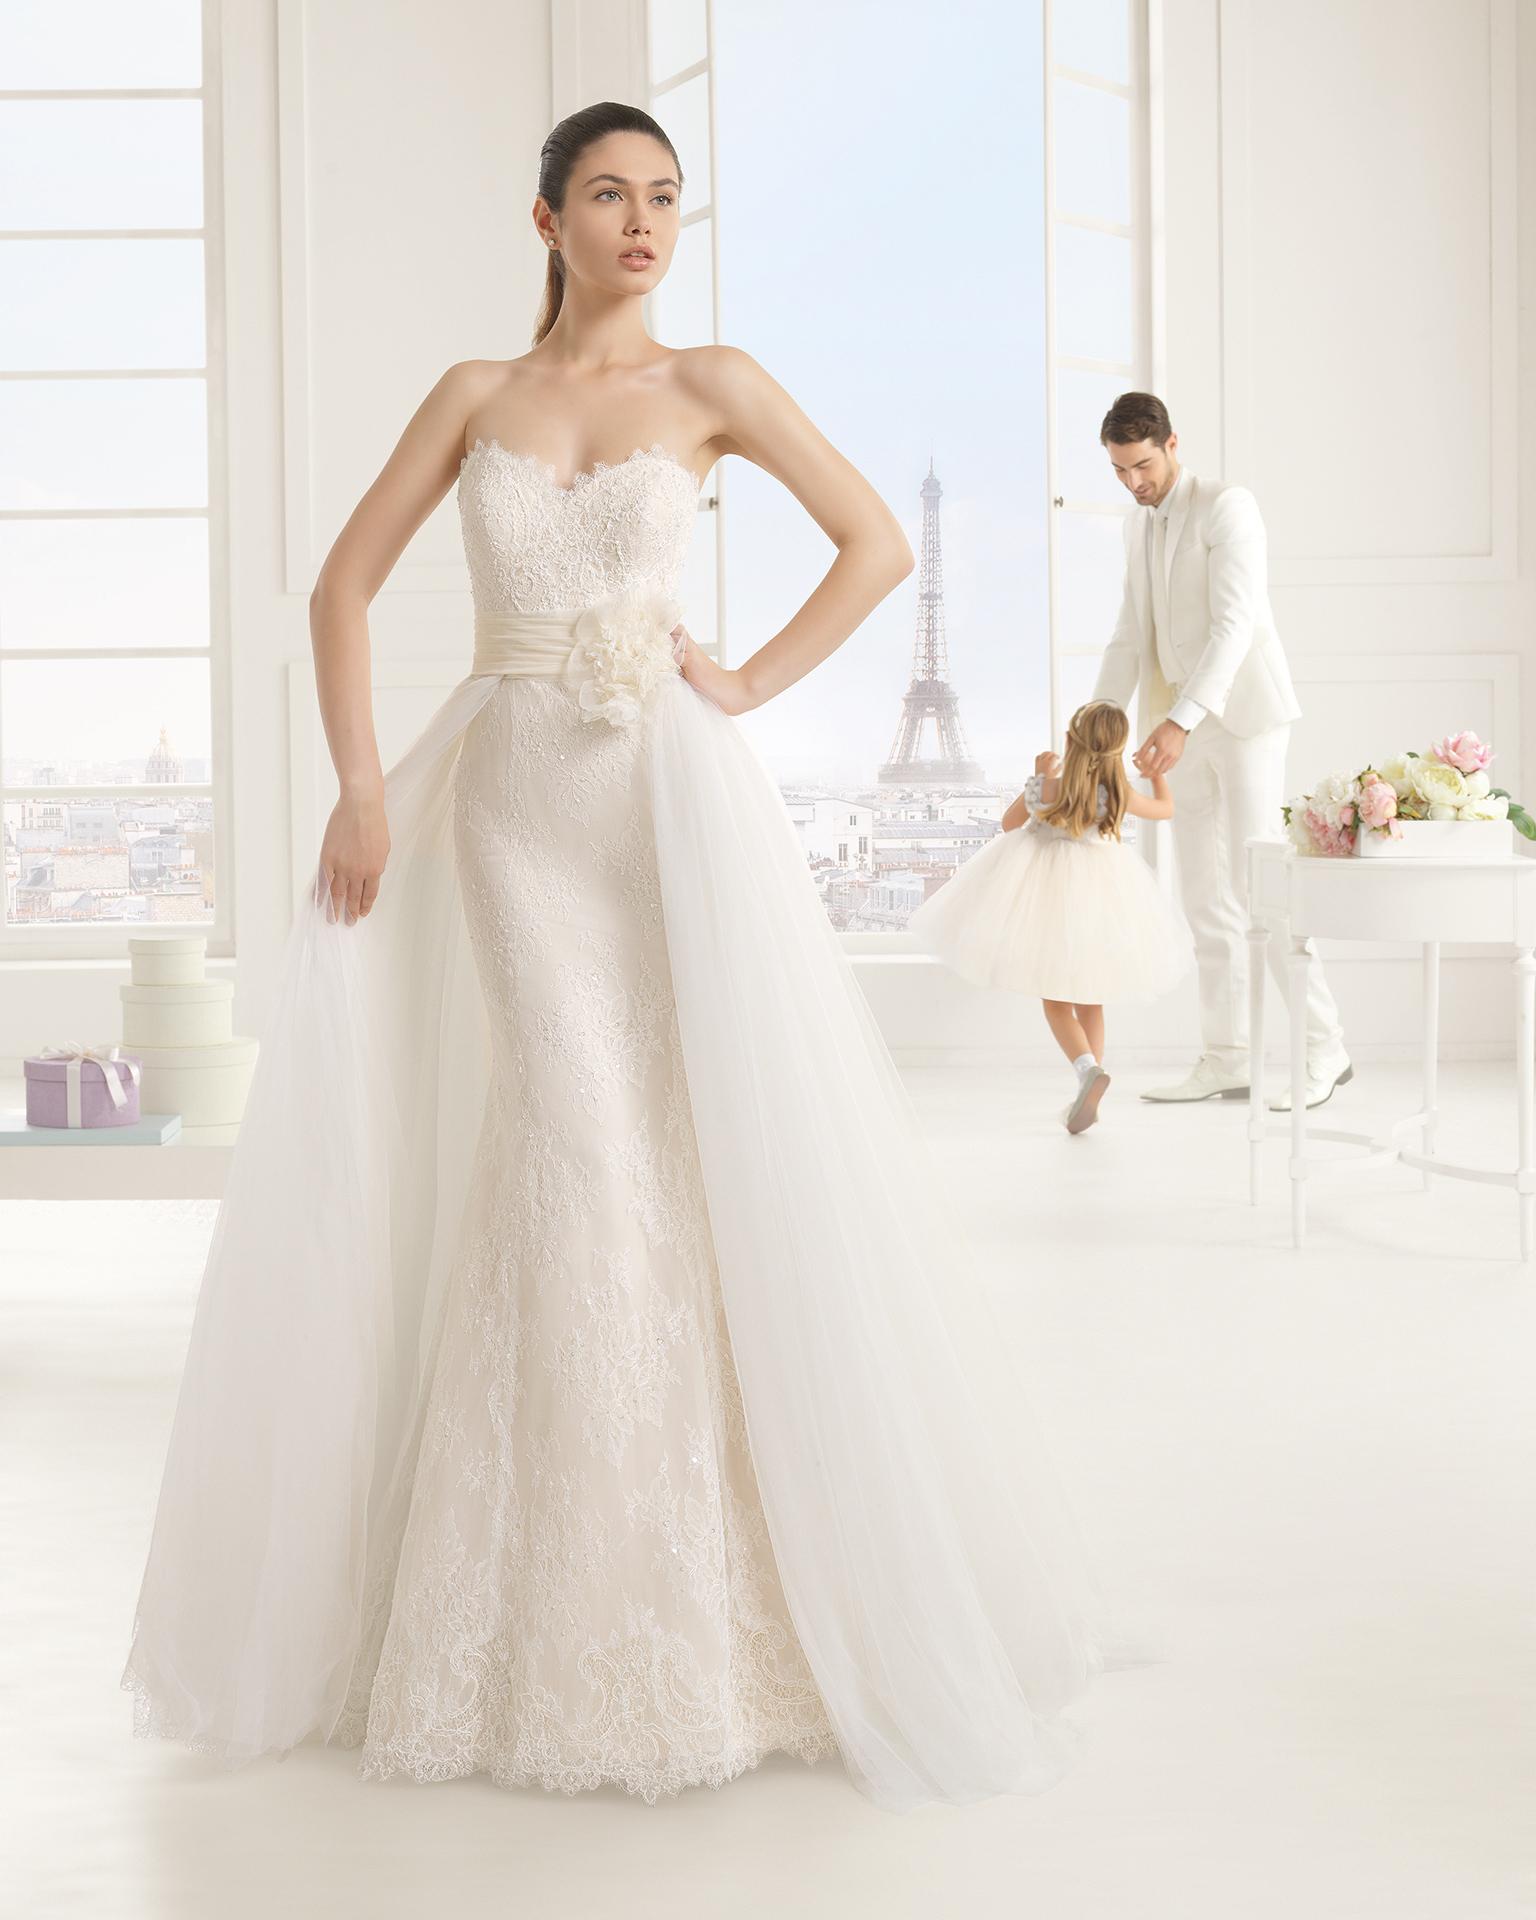 Eva (38, кружево/бисер, natural) Свадебное платье Rosa Clara в Одессе. Свадебный салон Скоро Свадьба.